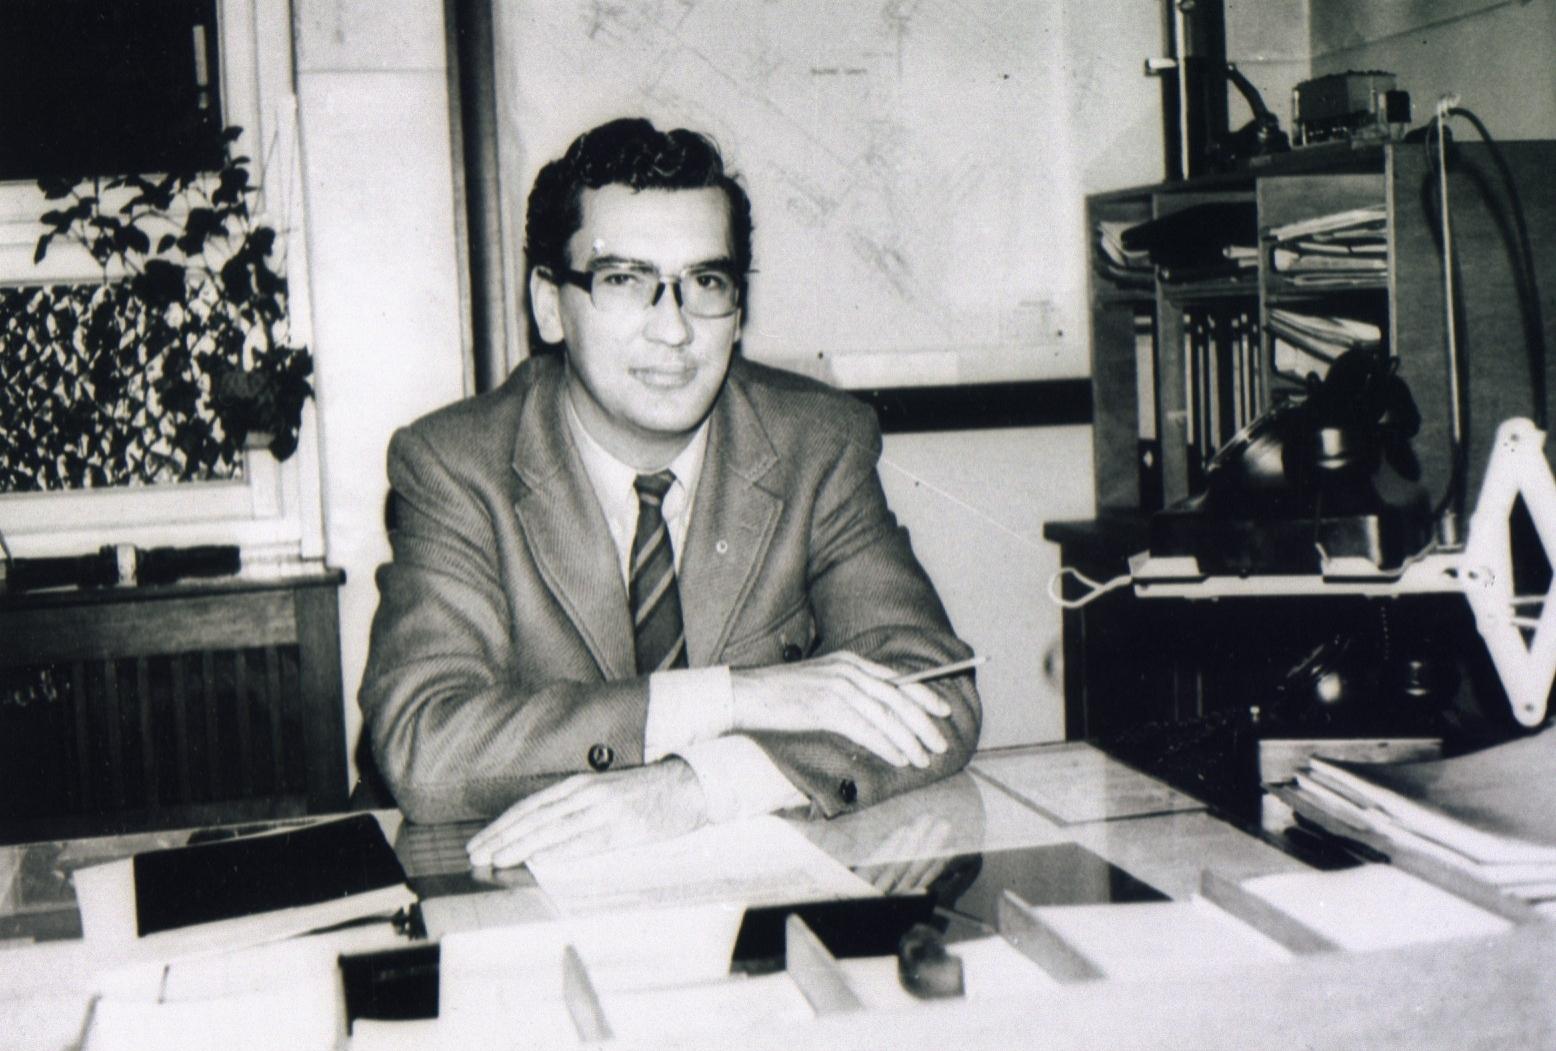 Fahrsteiger Norbert Brandenburg